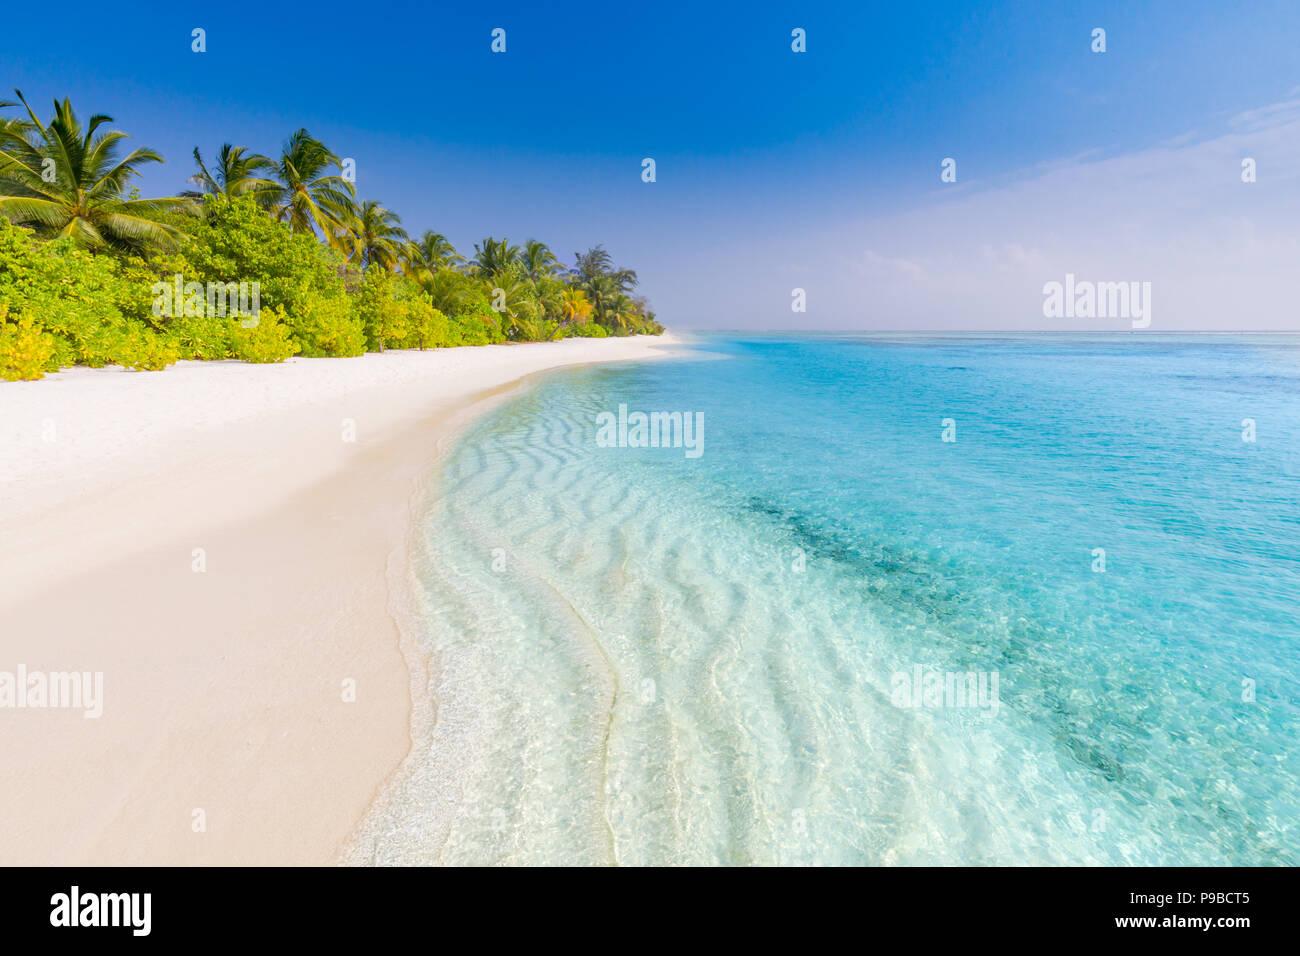 Hermosa playa con palmeras y moody cielo. Viajes de vacaciones de verano vacaciones en concepto de fondo. Maldivas Playa Paraíso. Viajes de verano de lujo Imagen De Stock